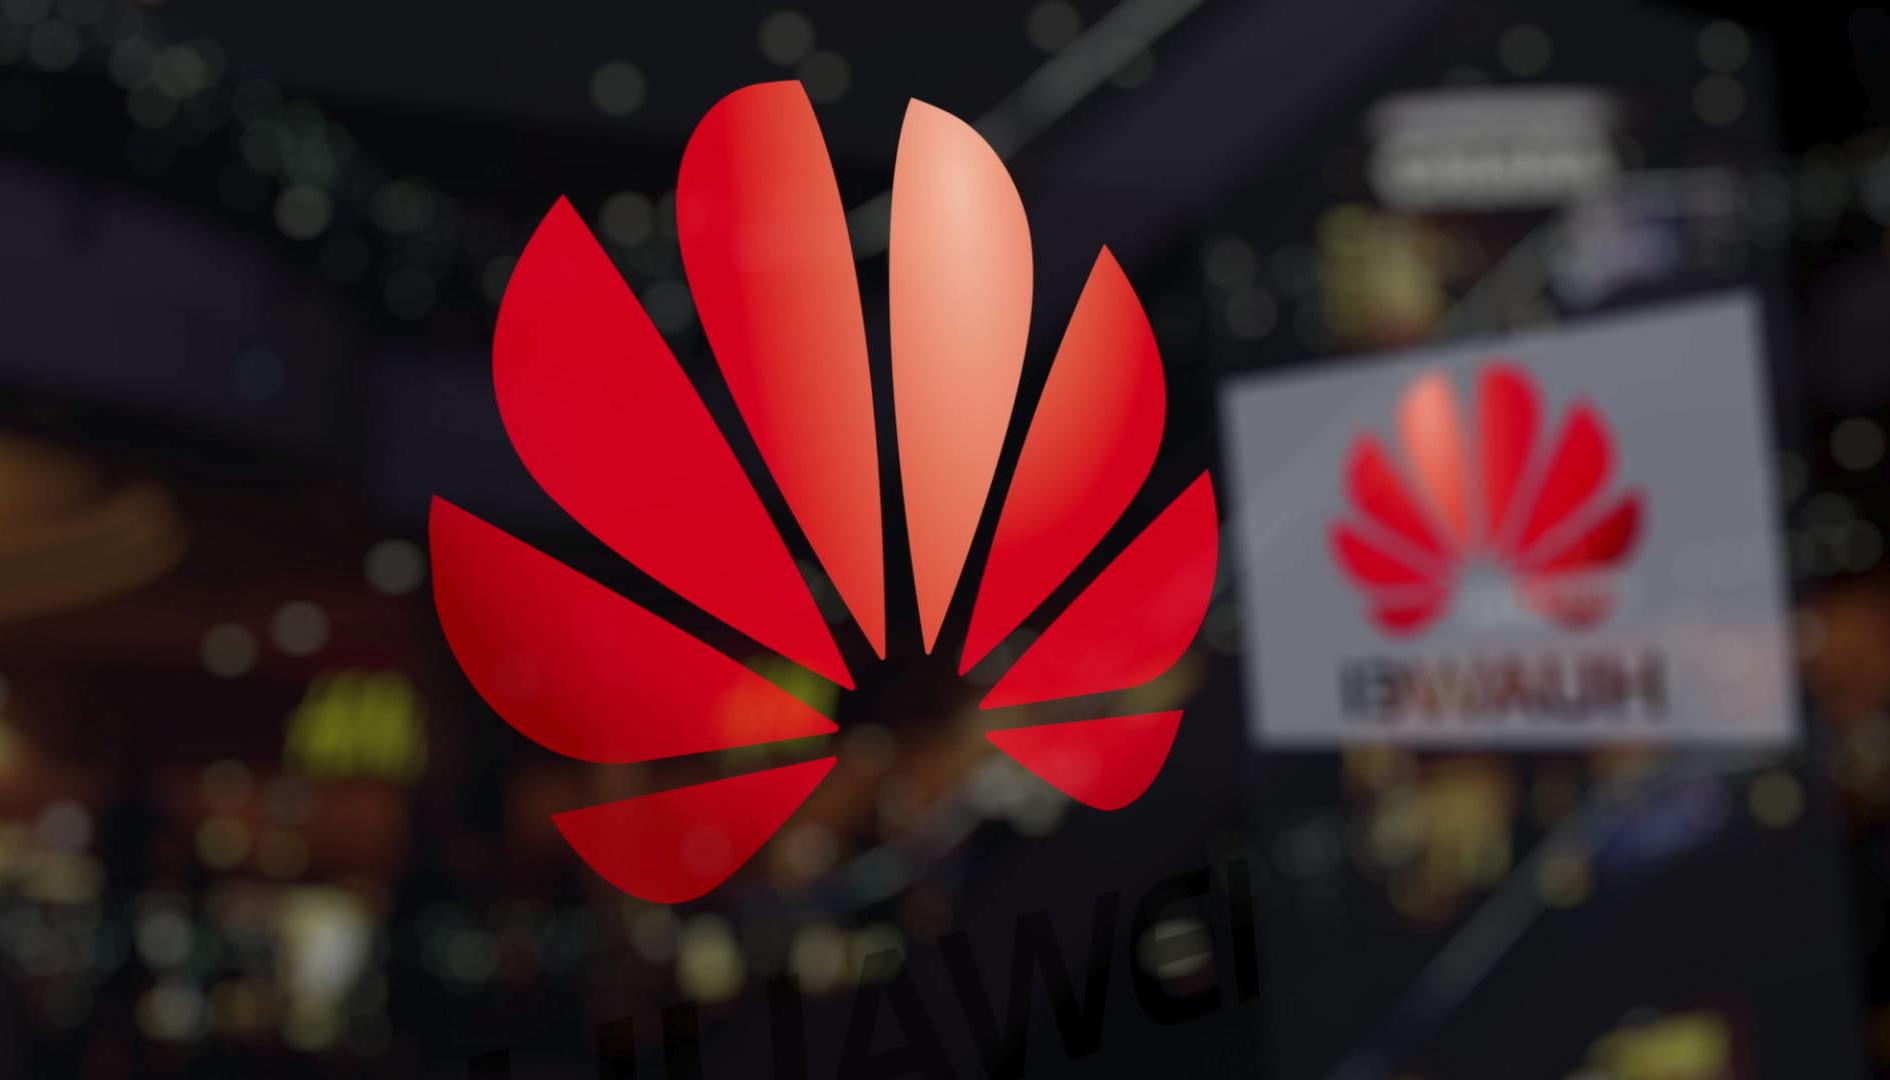 Huawei Ban: possibile proroga di 6 mesi, ma si valuta anche lo scenario peggiore